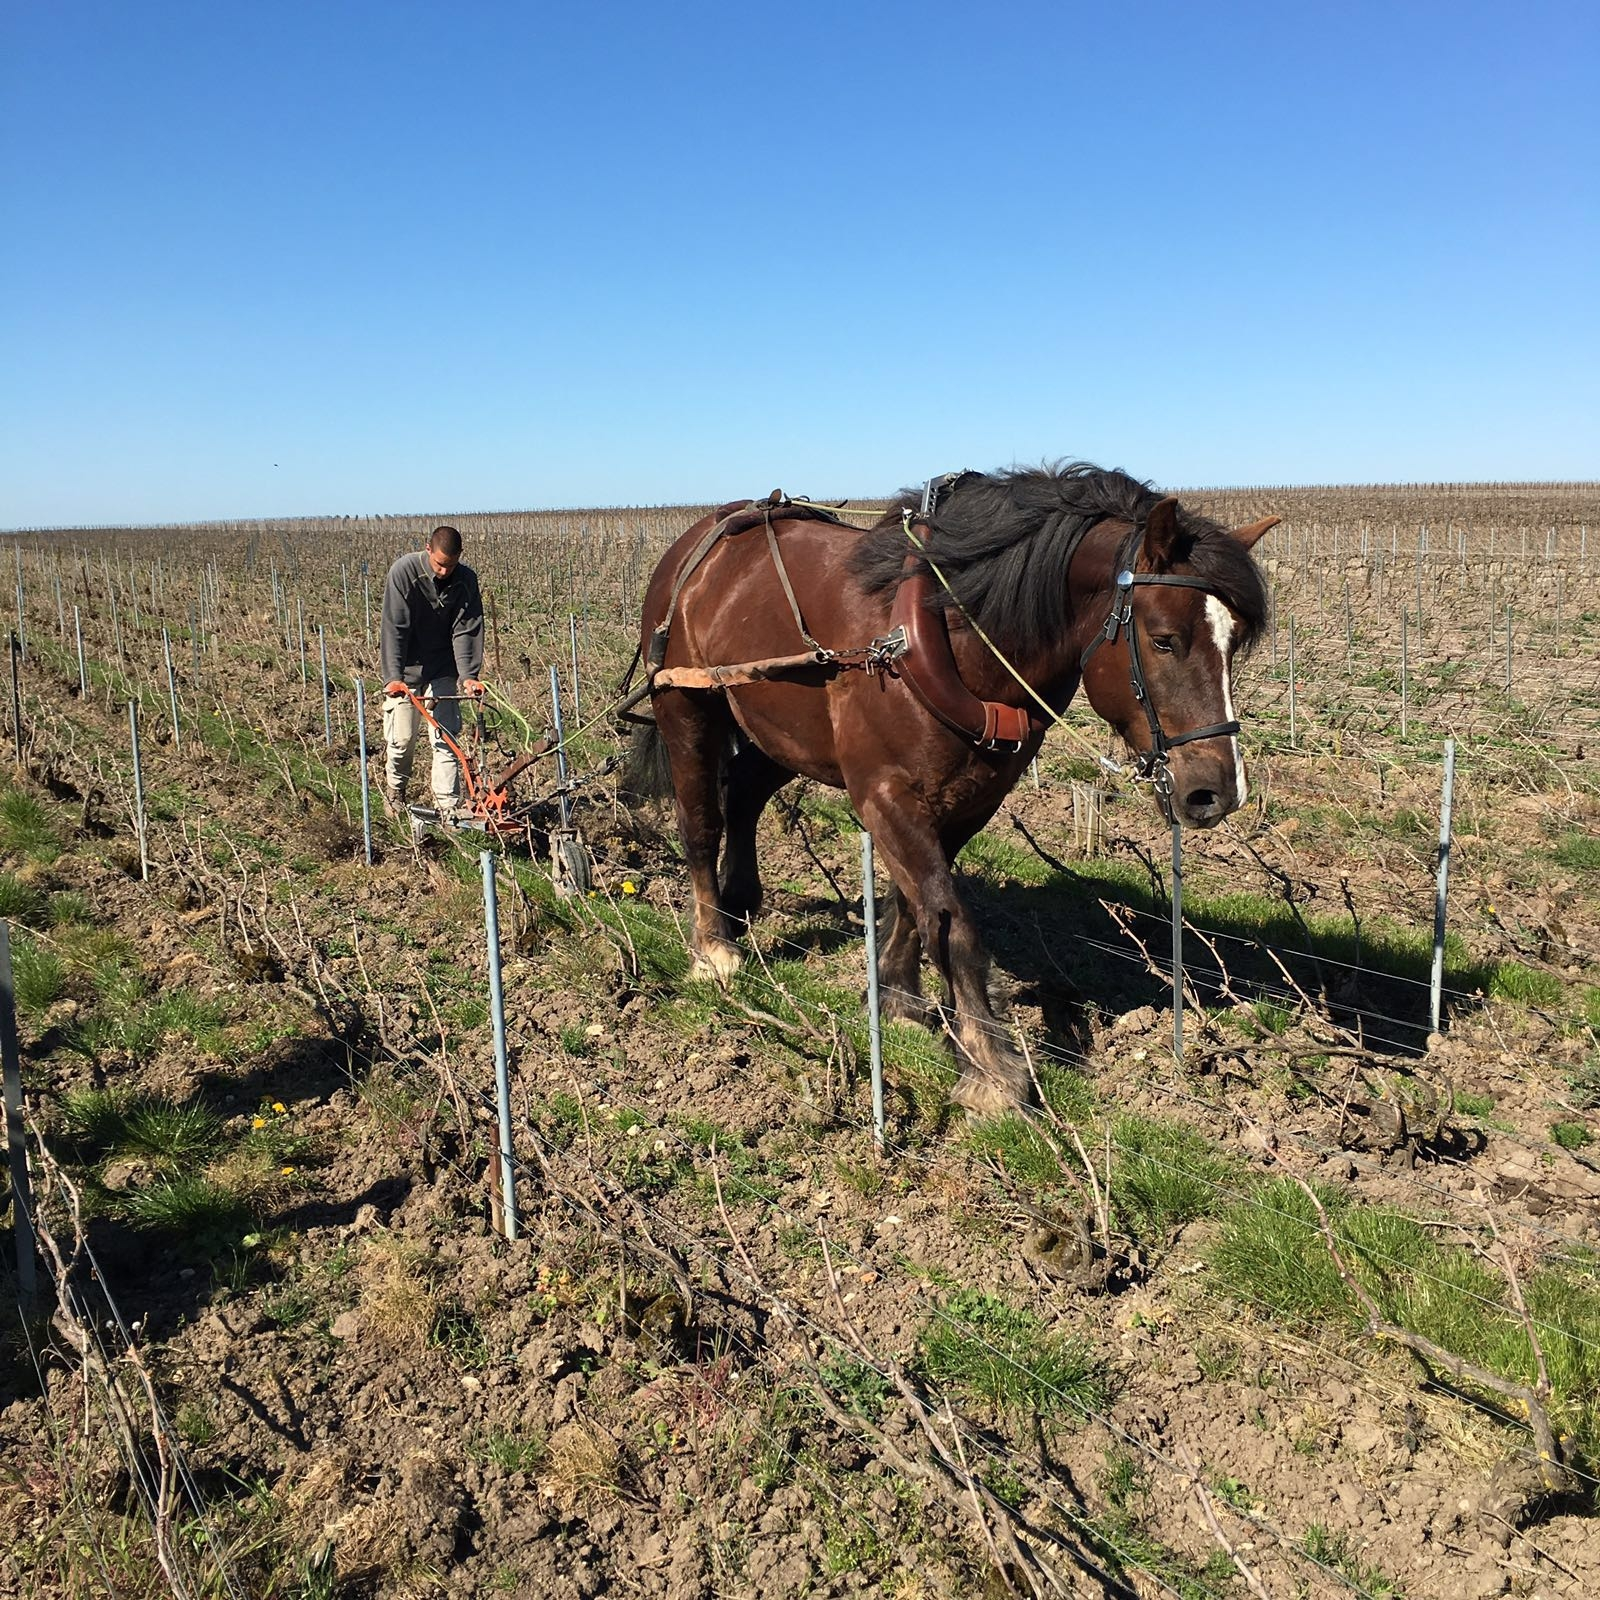 Mit dem Pferd über das Feld